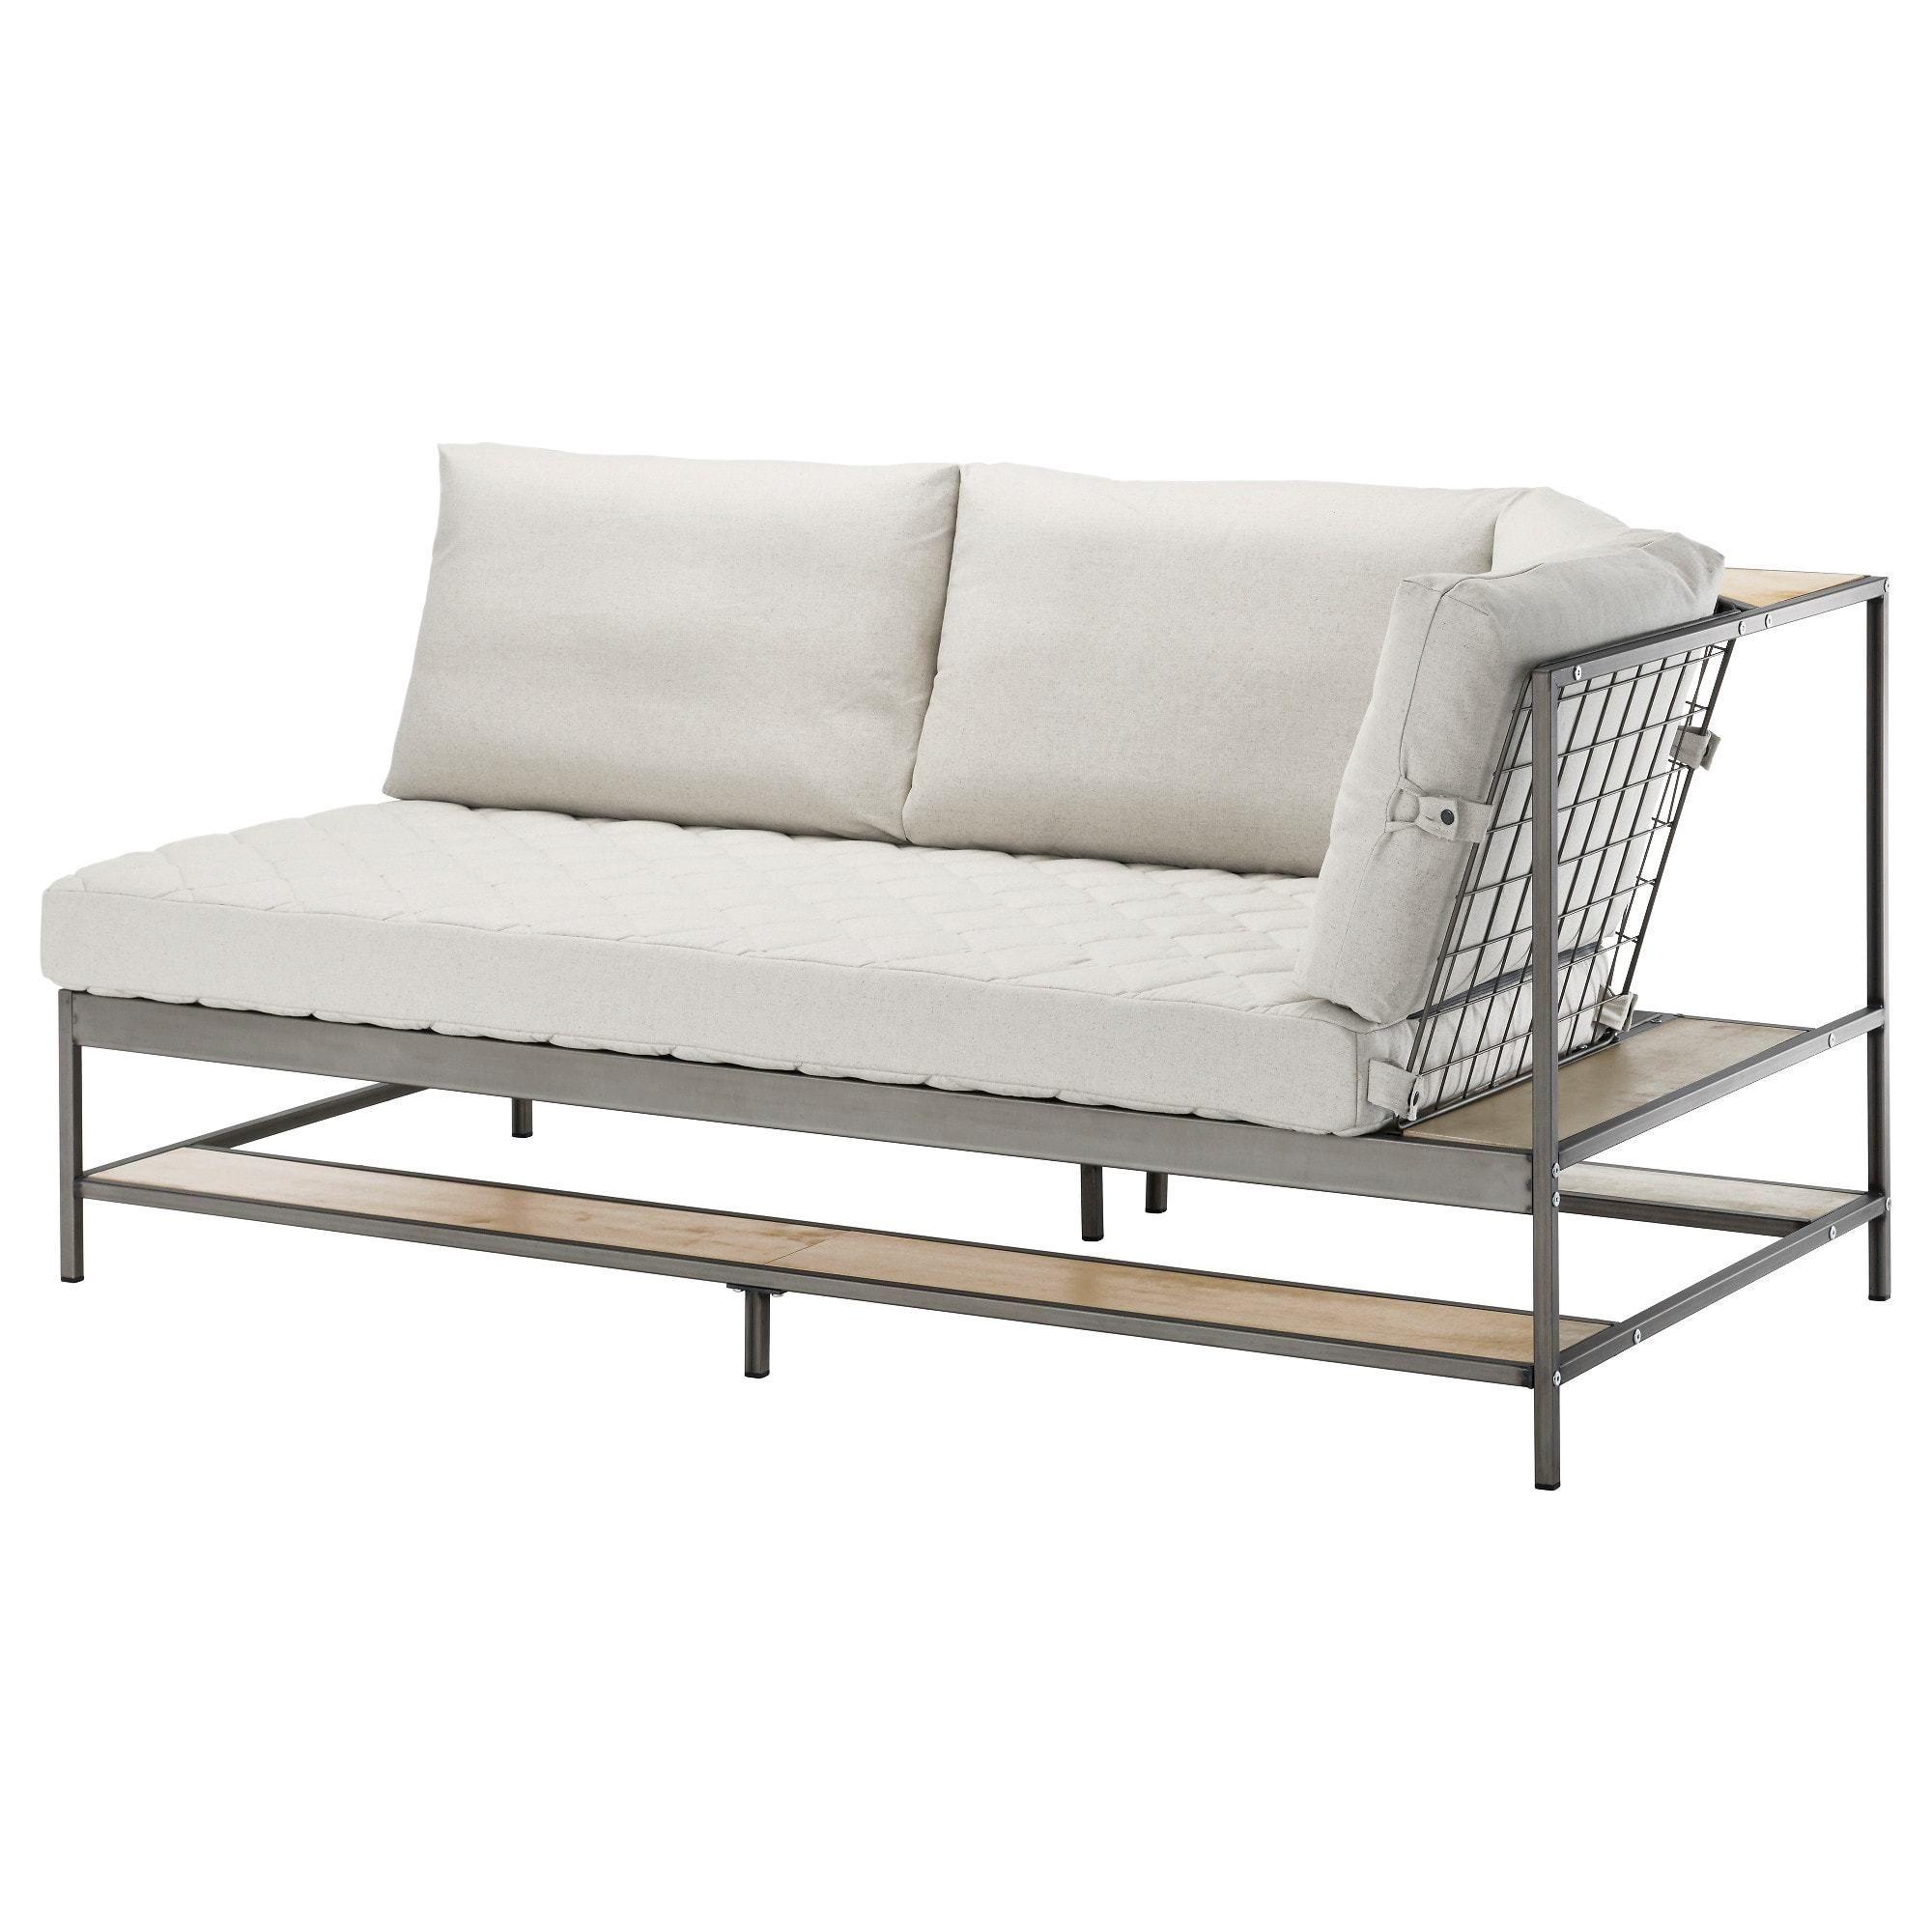 9 designermeubels van IKEA die NIET iedereen al in huis heeft staan